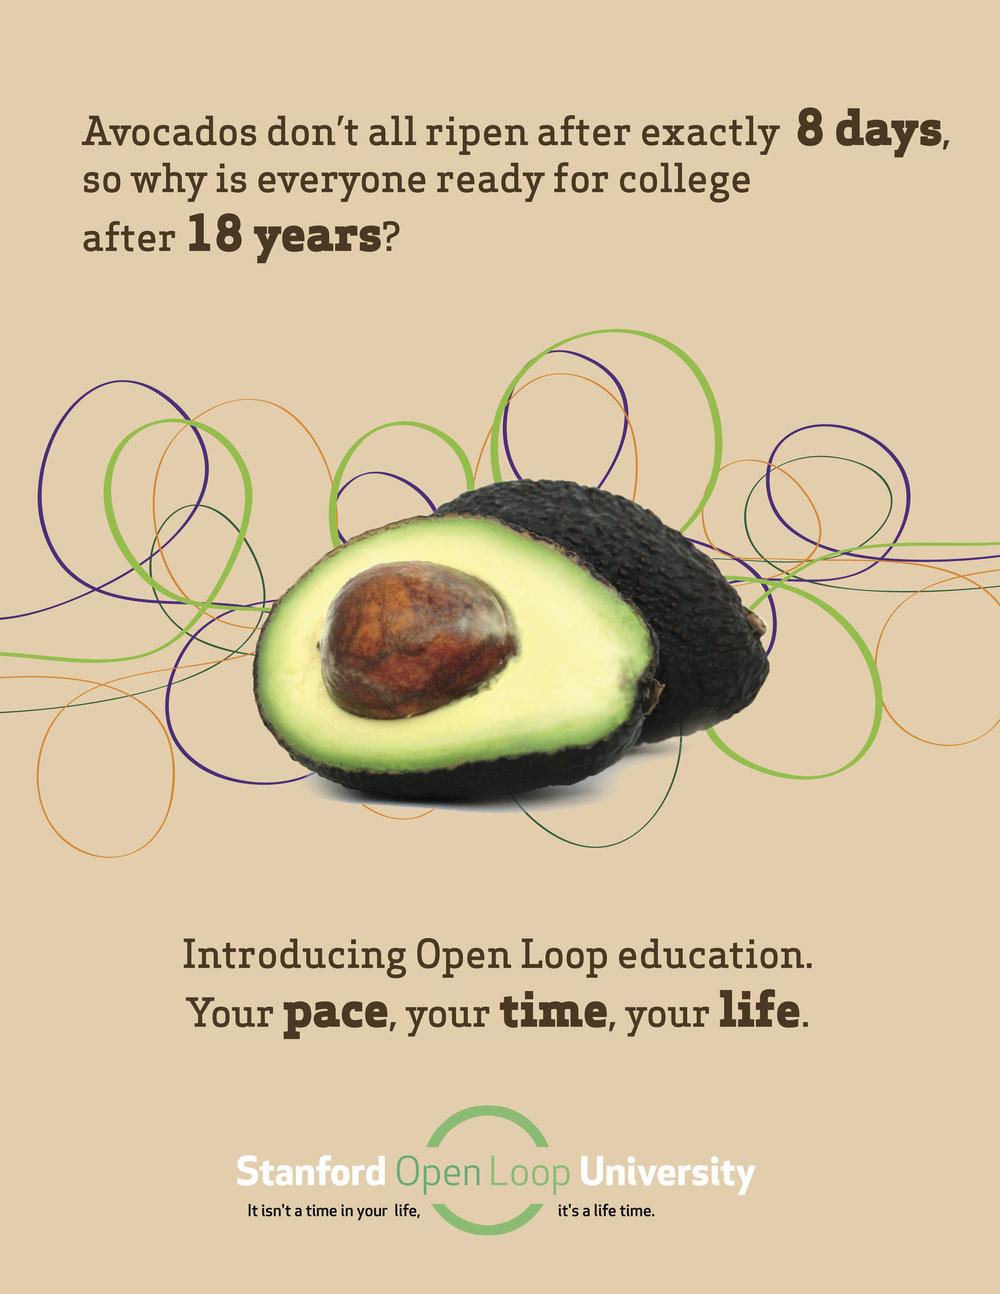 不是所有的牛油果8天内就成熟,为什么所有人都要在18岁的时候准备去上大学呢?——开环大学概念海报